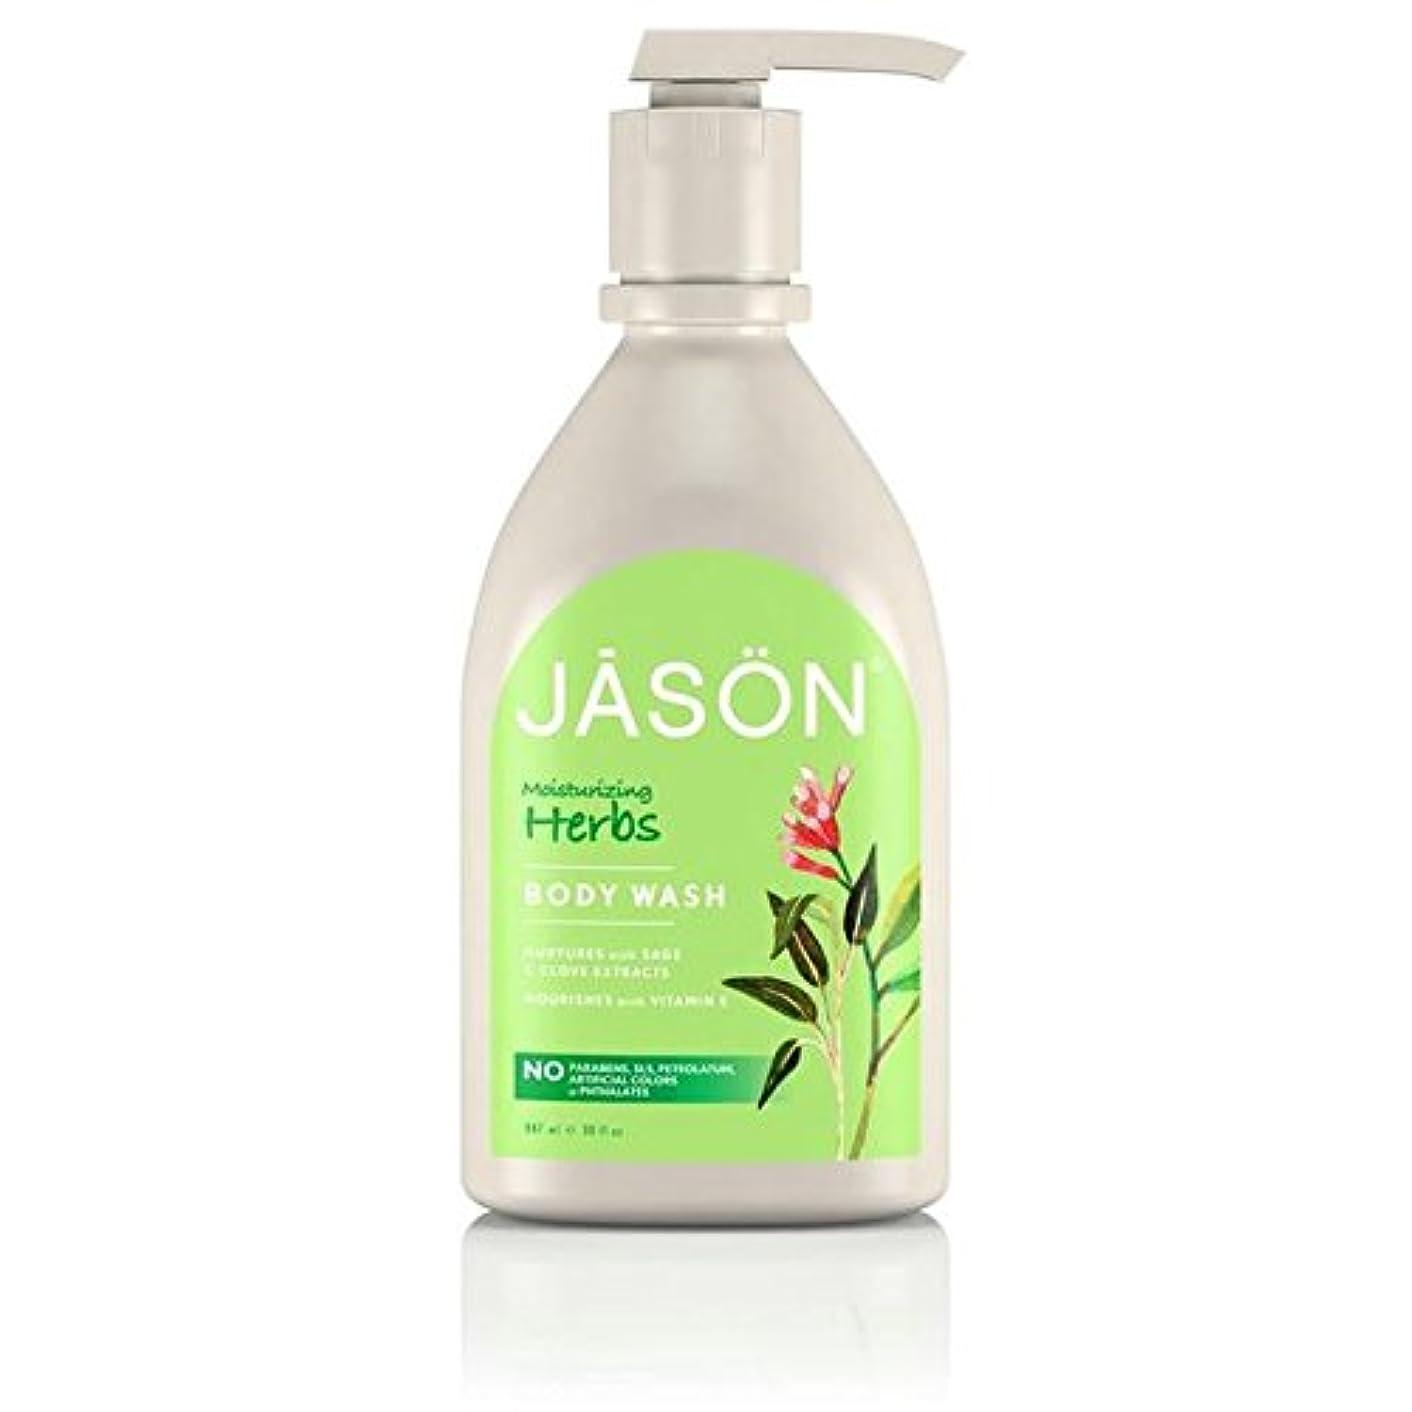 割り込み警告する反逆Jason Herbal Satin Body Wash Pump 900ml - ジェイソン?ハーブサテンボディウォッシュポンプ900ミリリットル [並行輸入品]